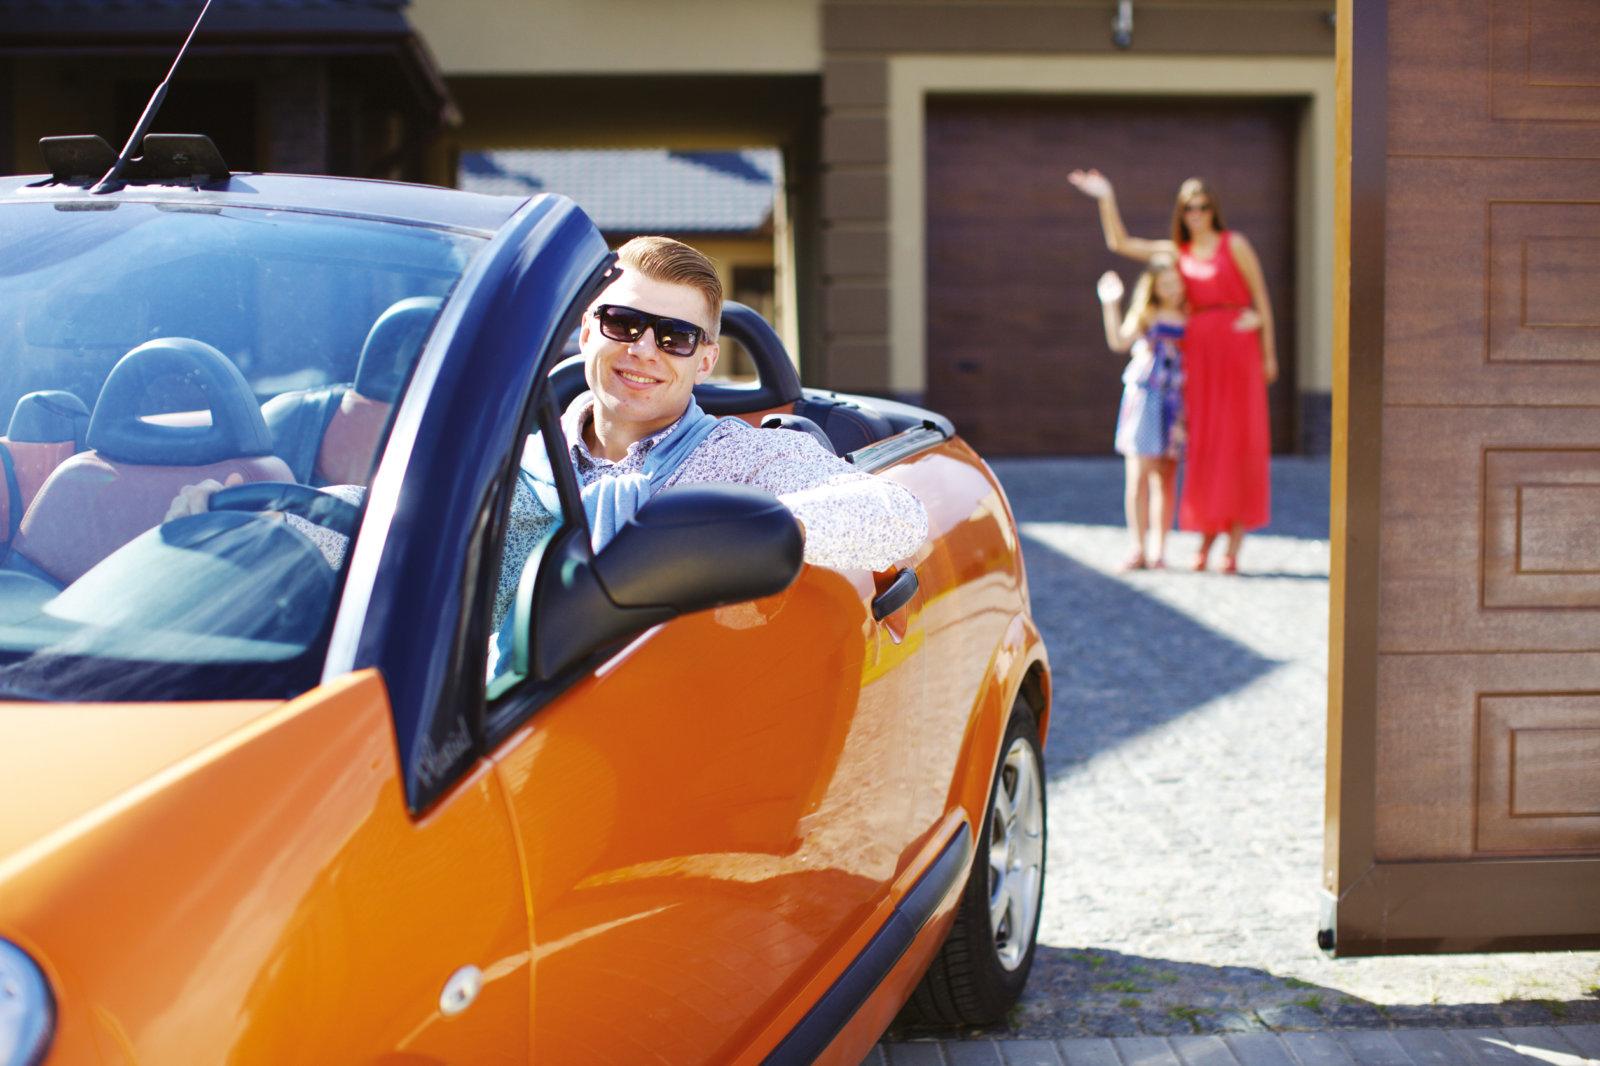 Въездные и гаражные ворота: способы комплексной автоматизации